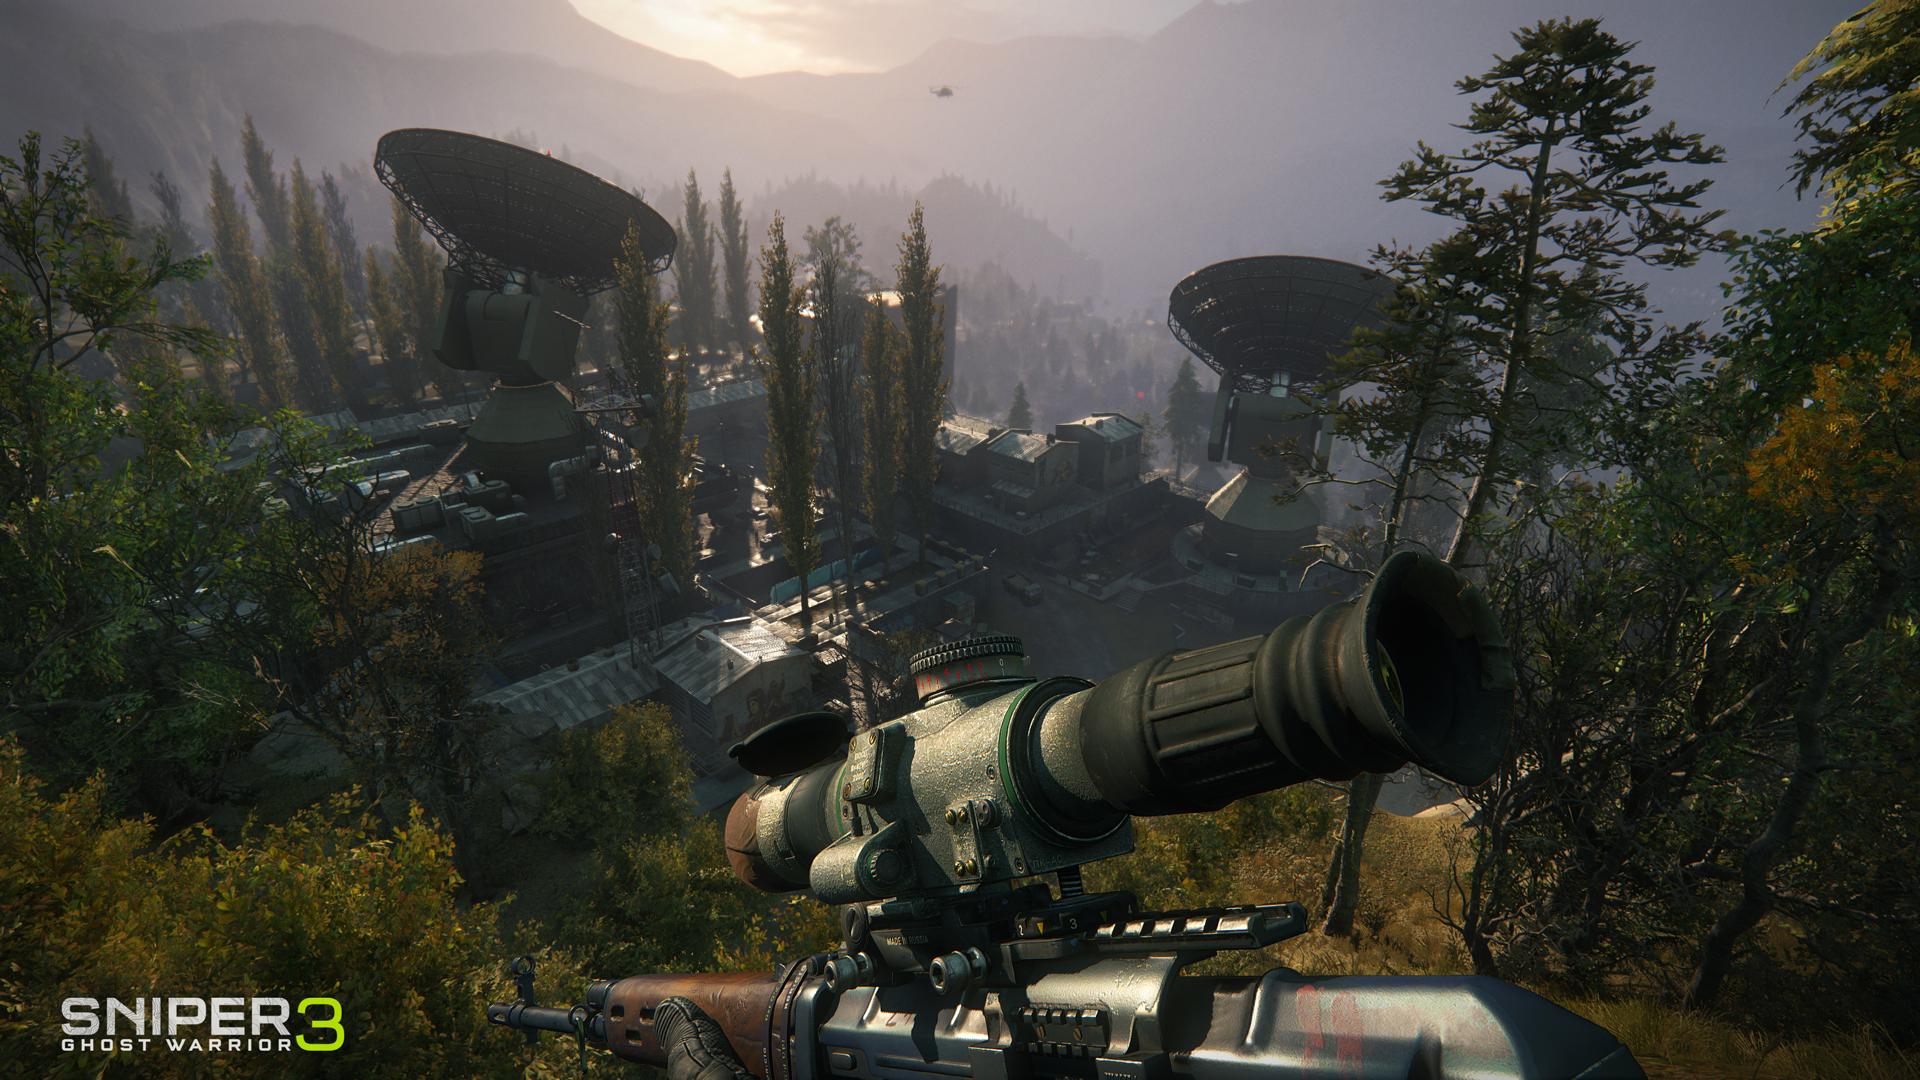 sniper ghost warror 3 1